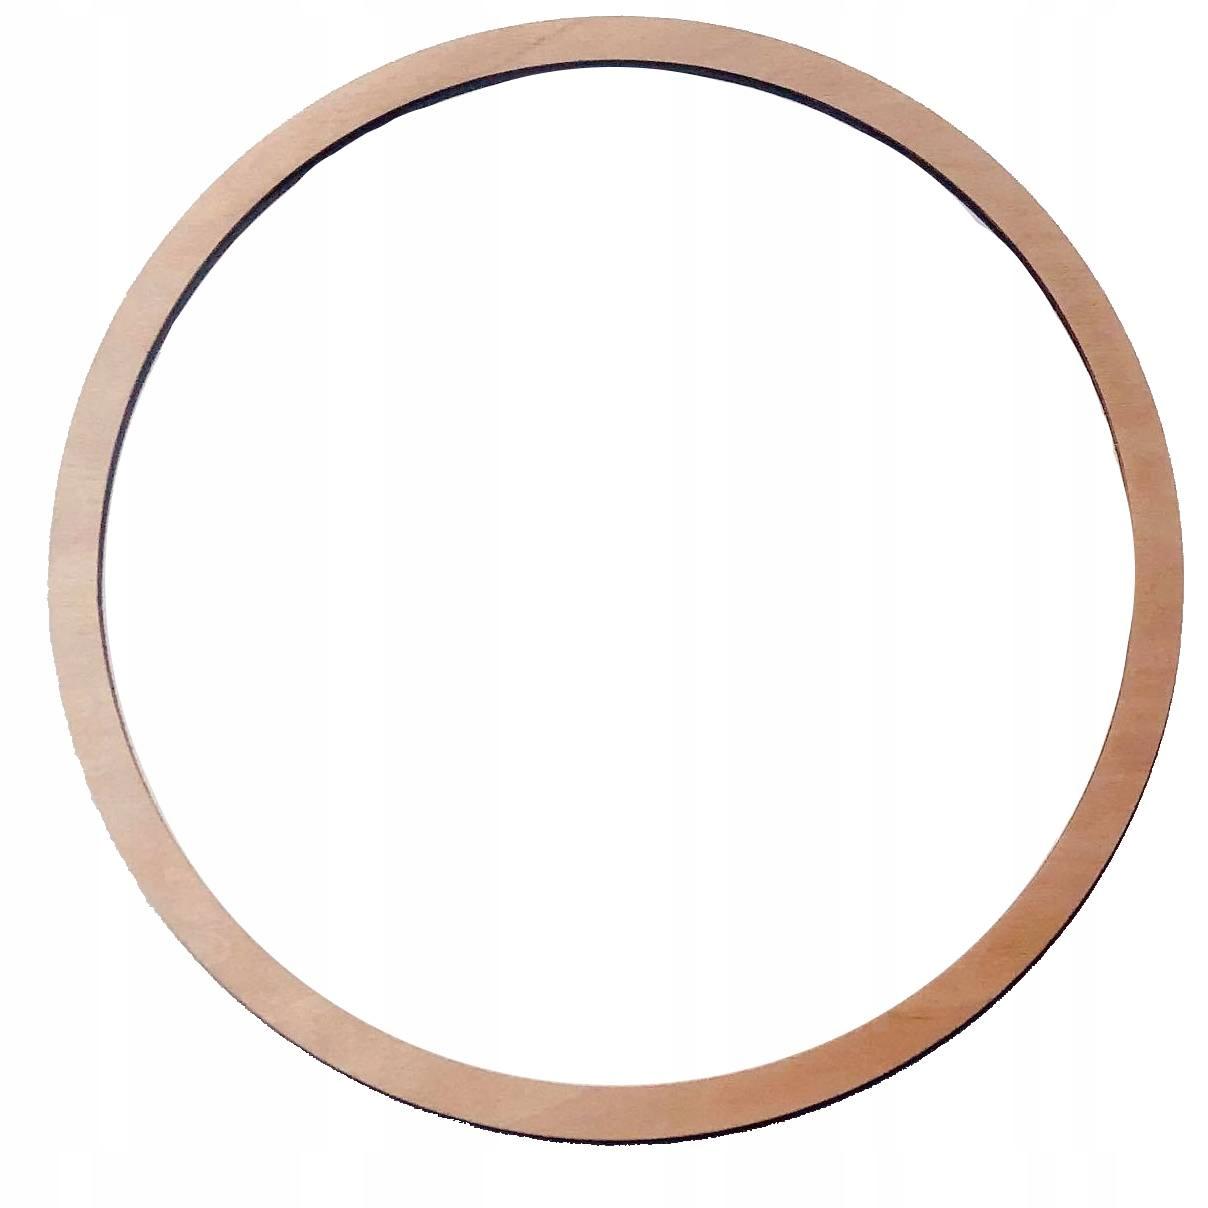 Drewniana obręcz kółko do łapacza snów 42 cm DIY